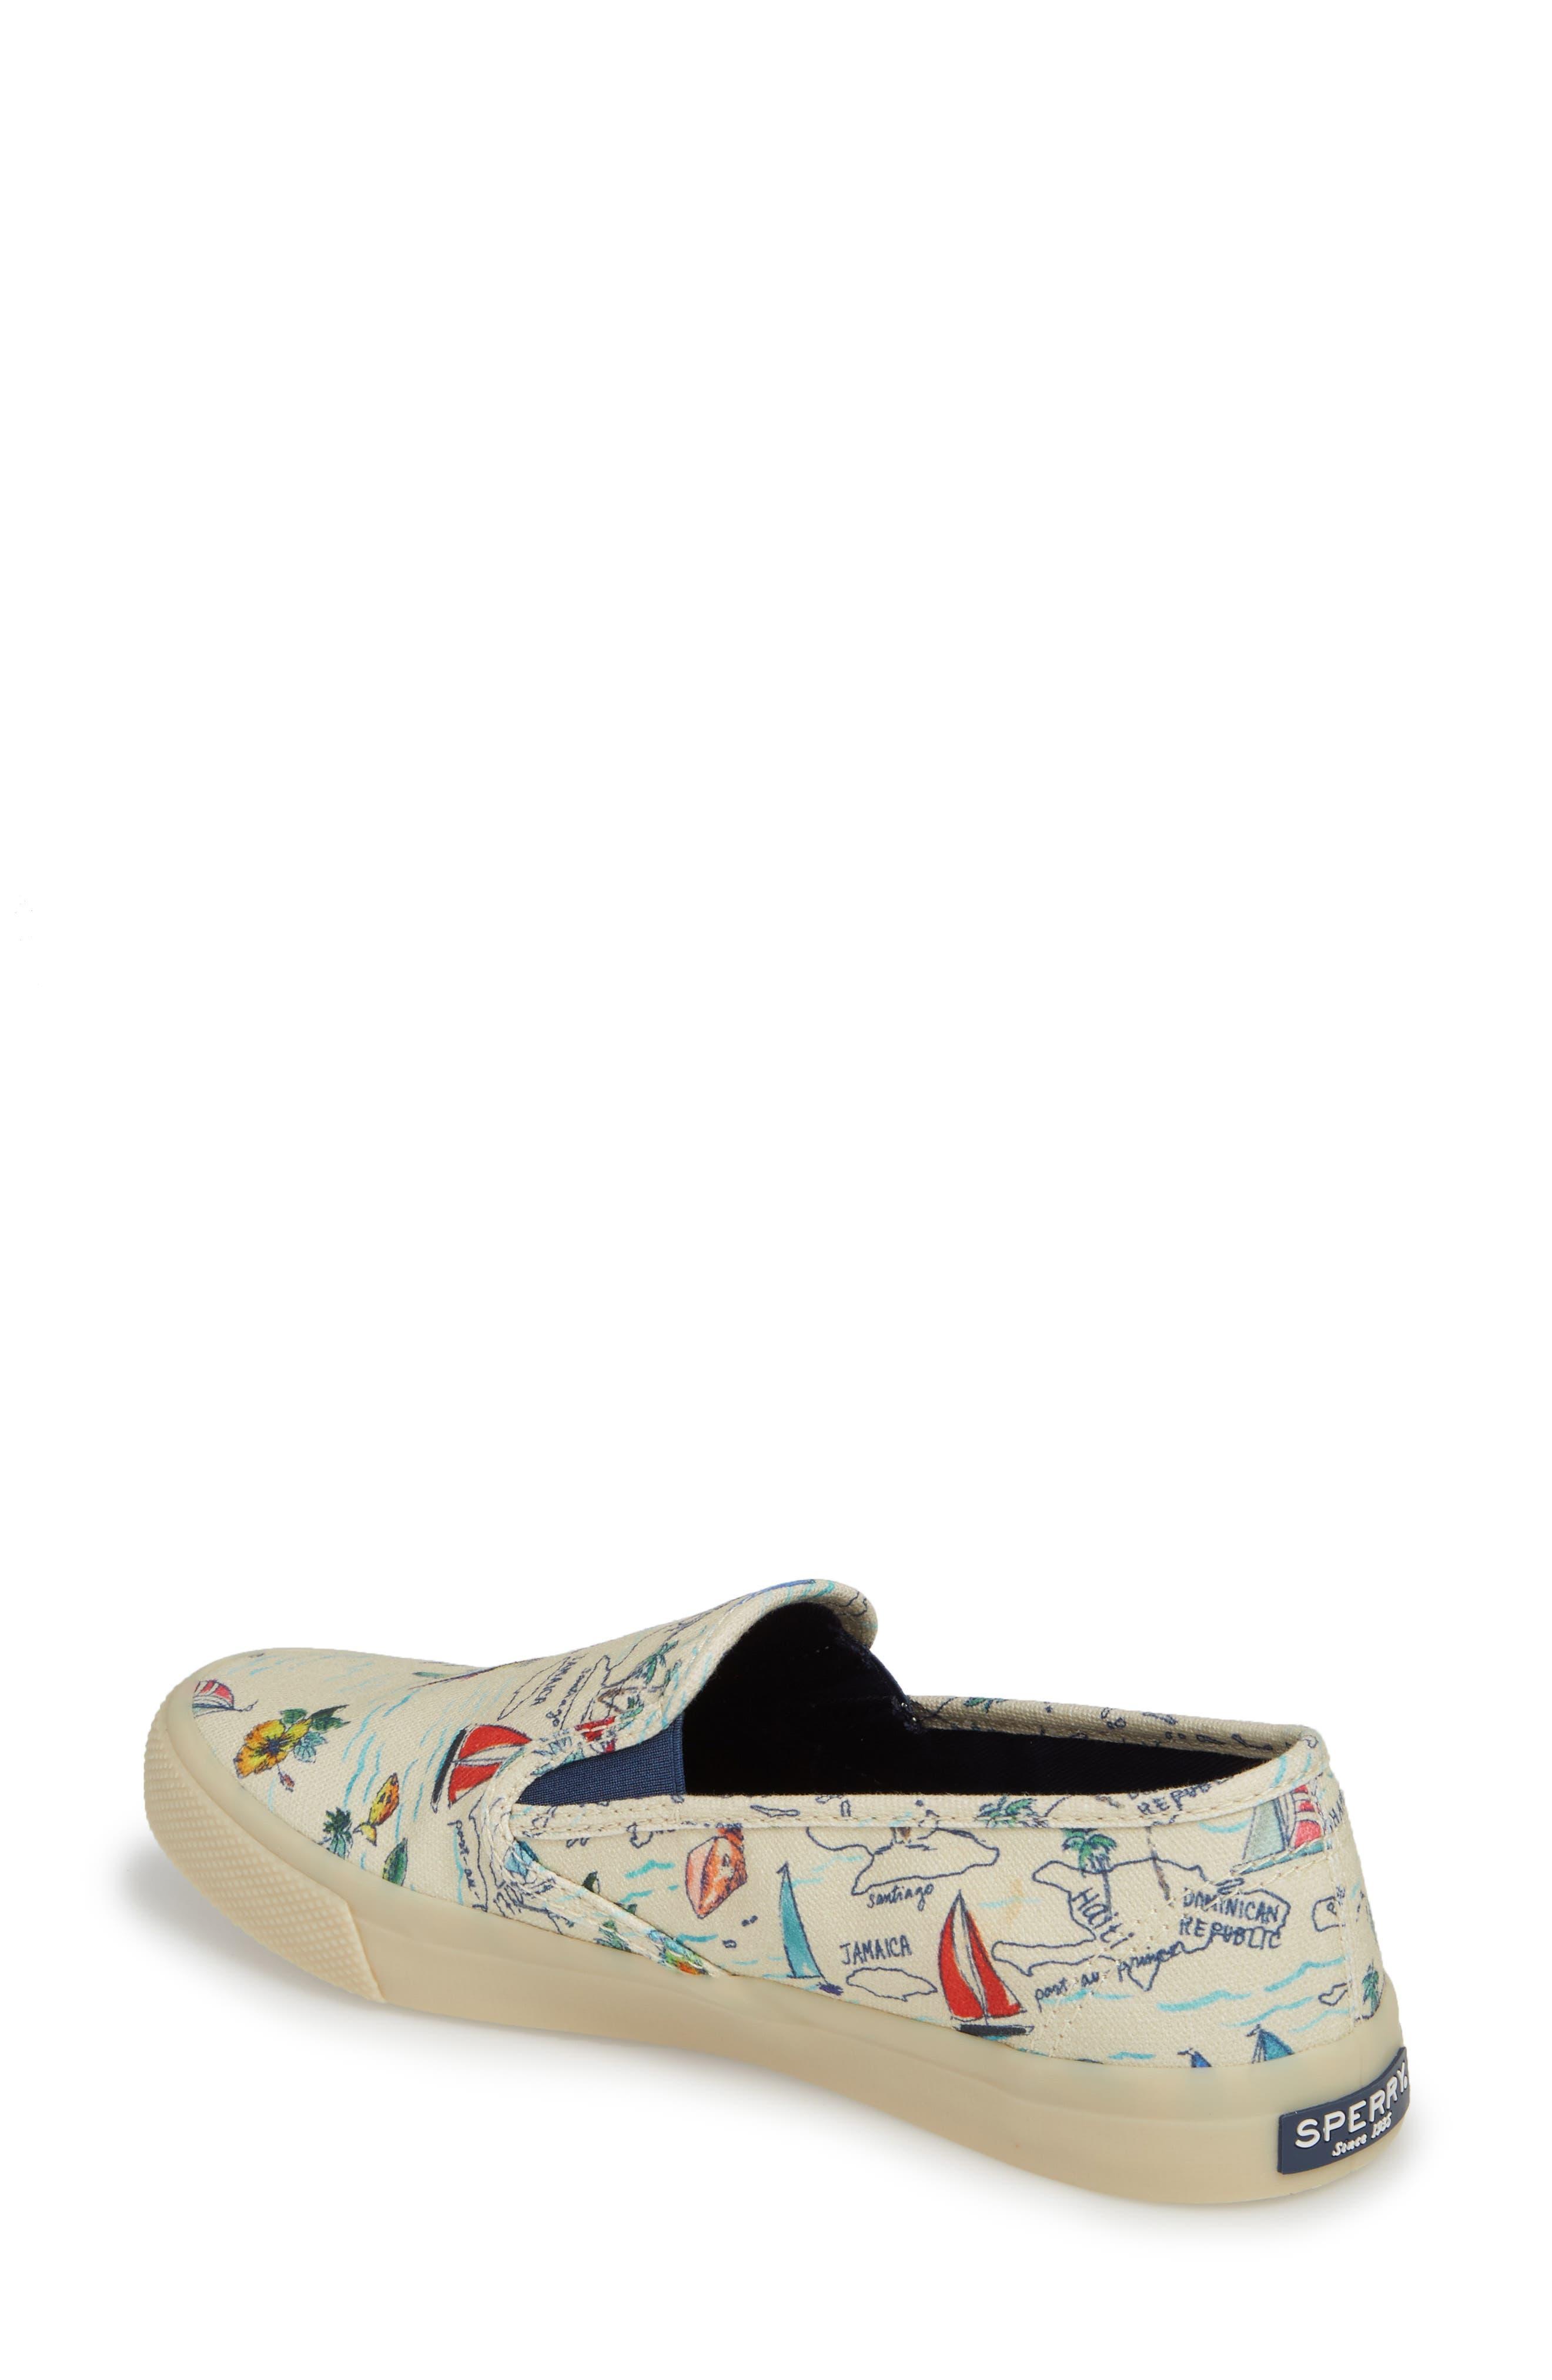 Seaside Slip-On Sneaker,                             Alternate thumbnail 2, color,                             101